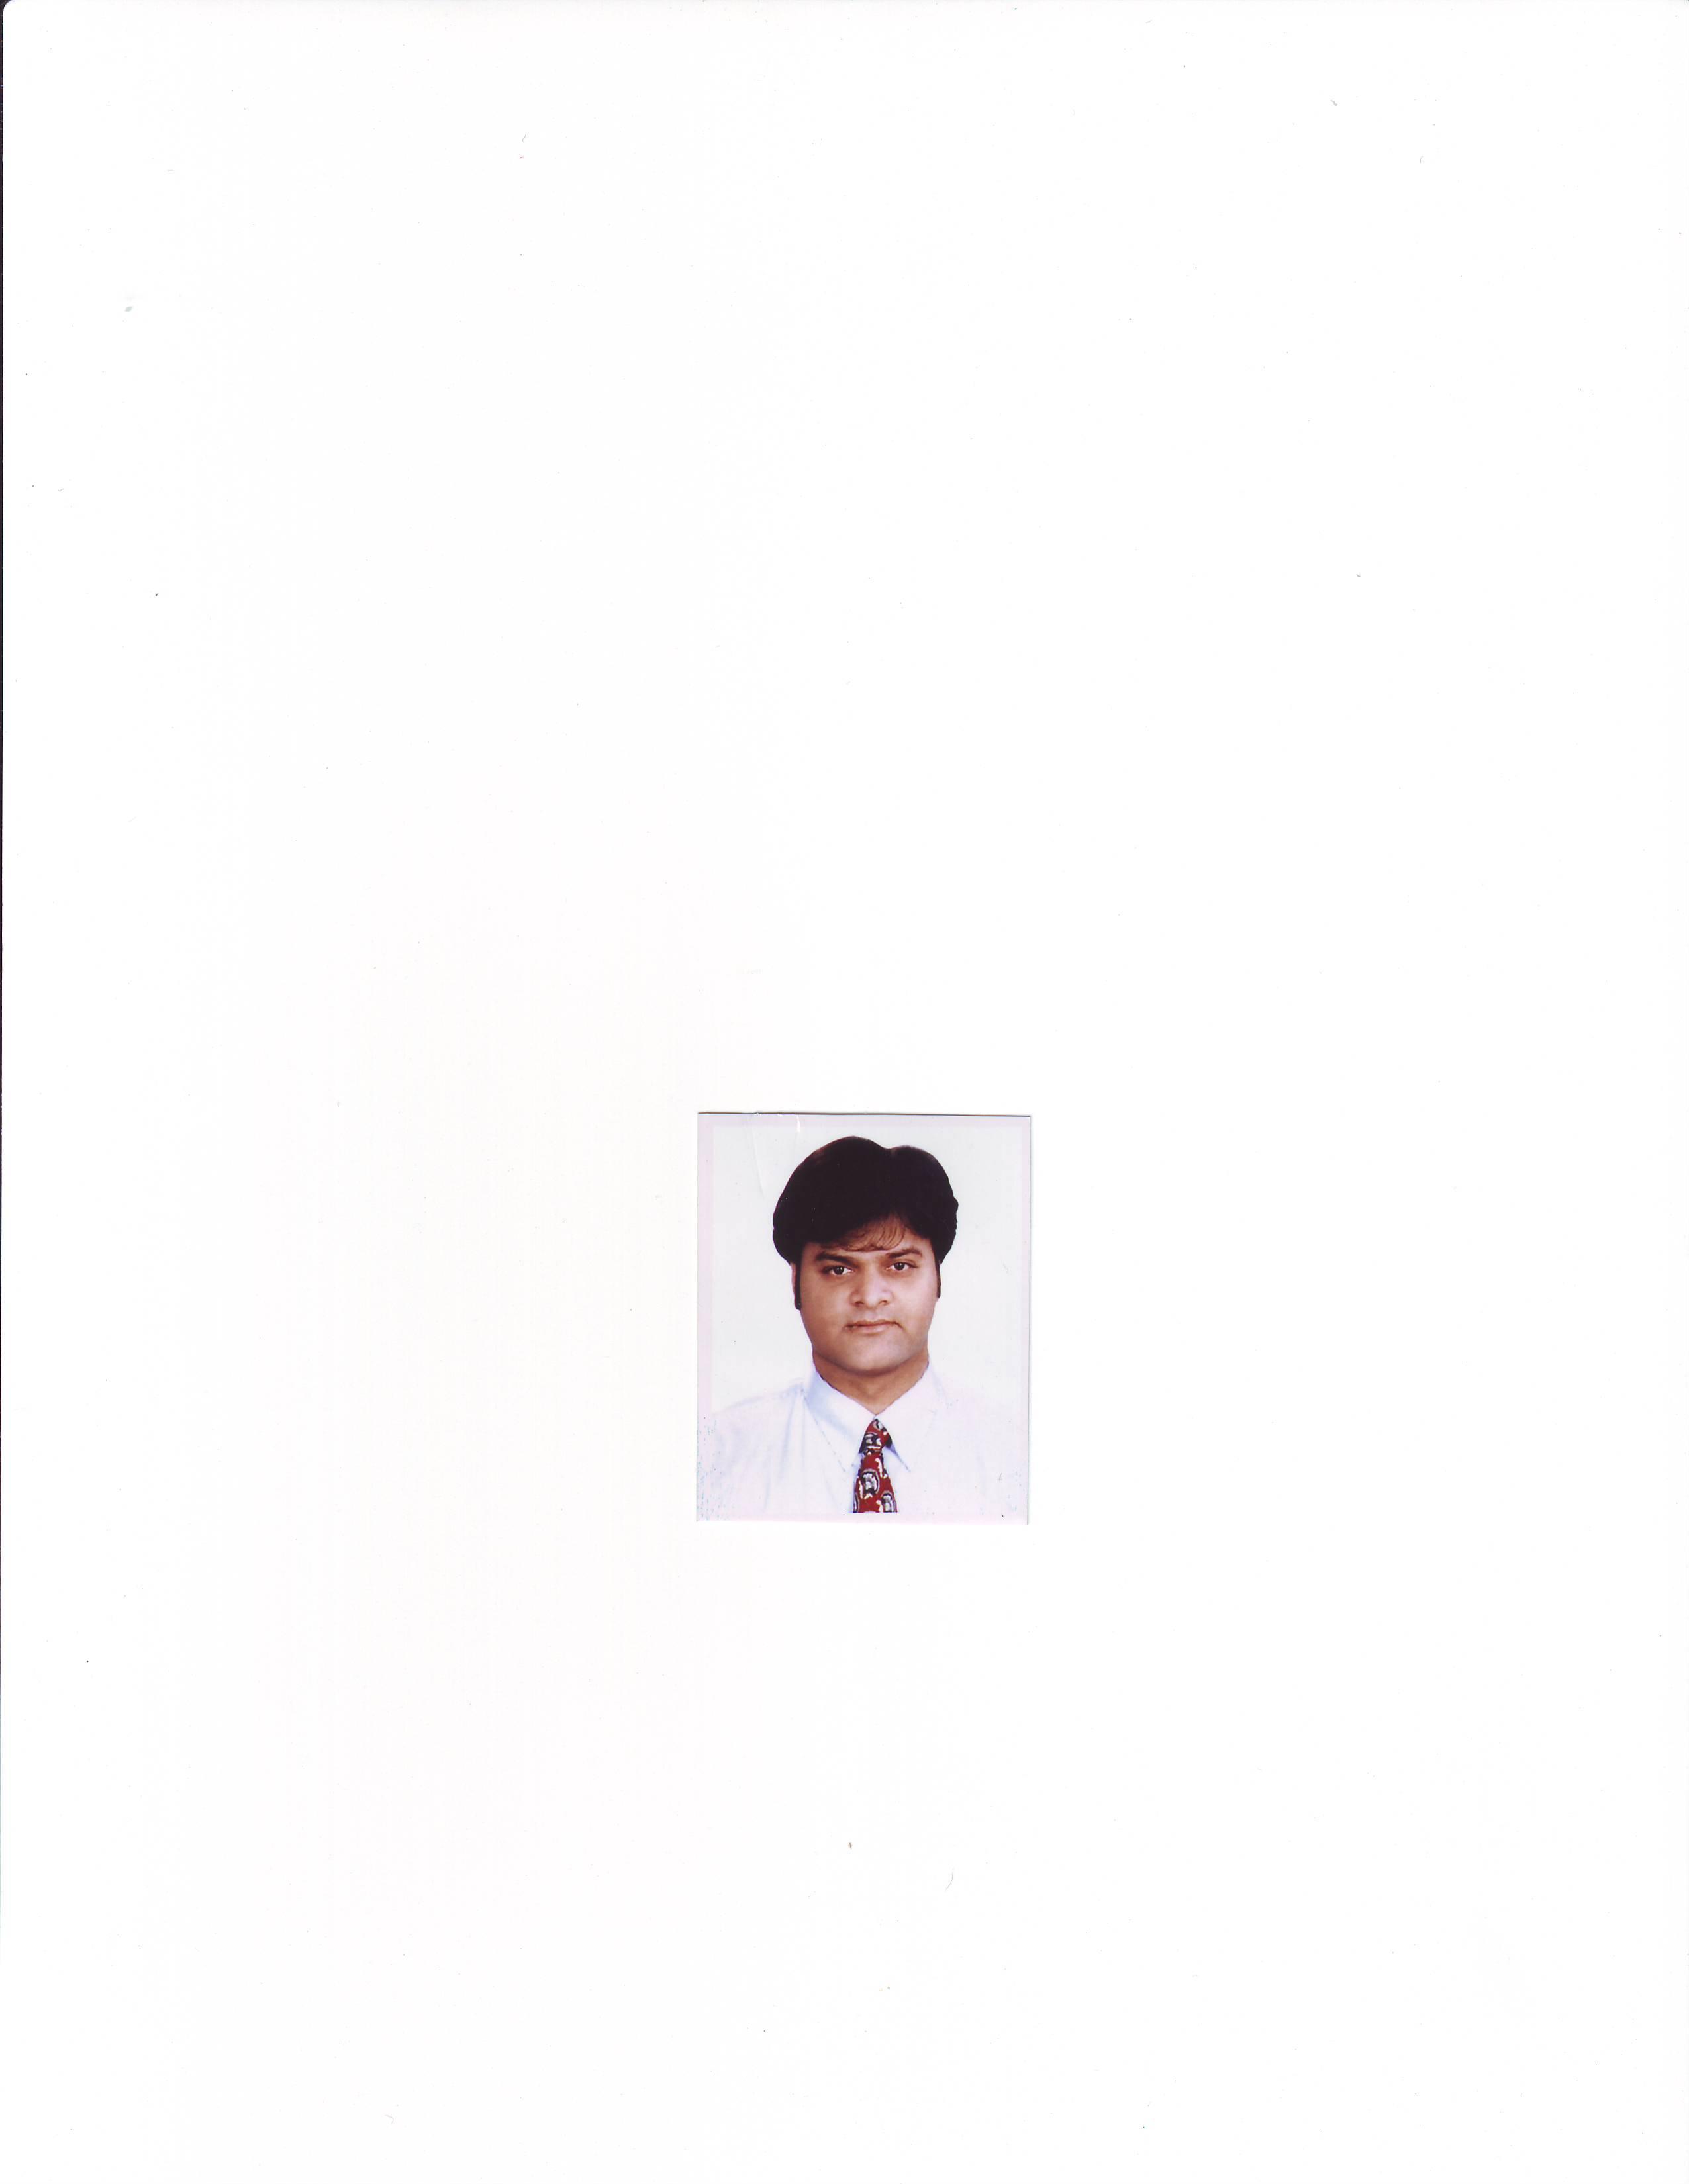 Saddique Ali